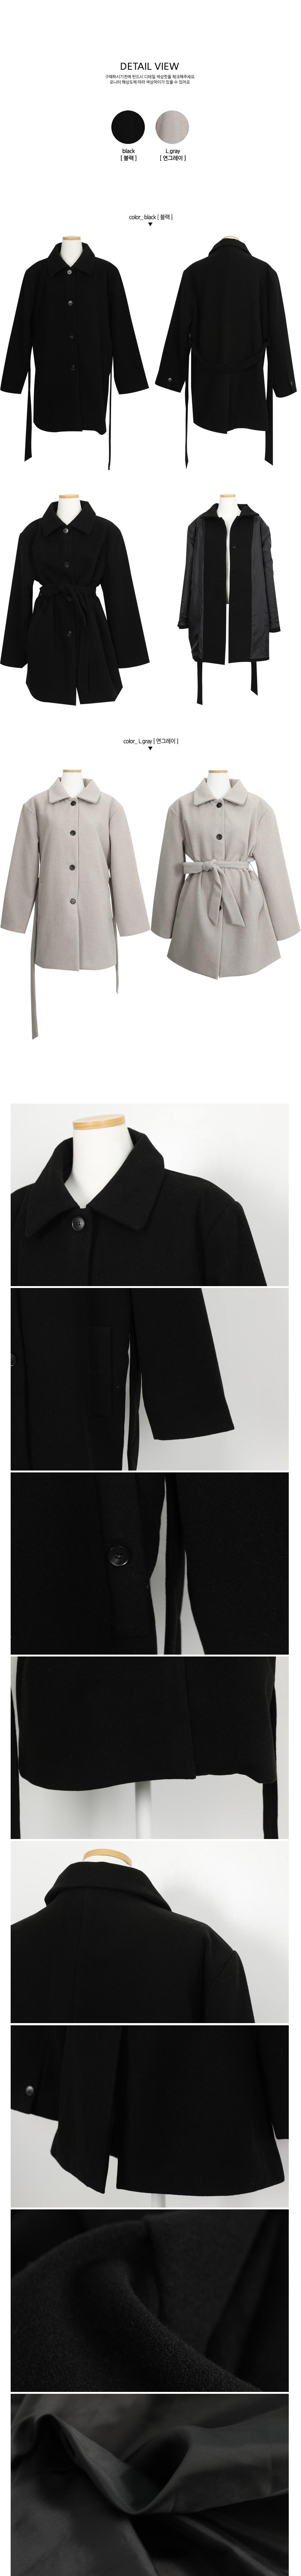 Hayes Half Jacket